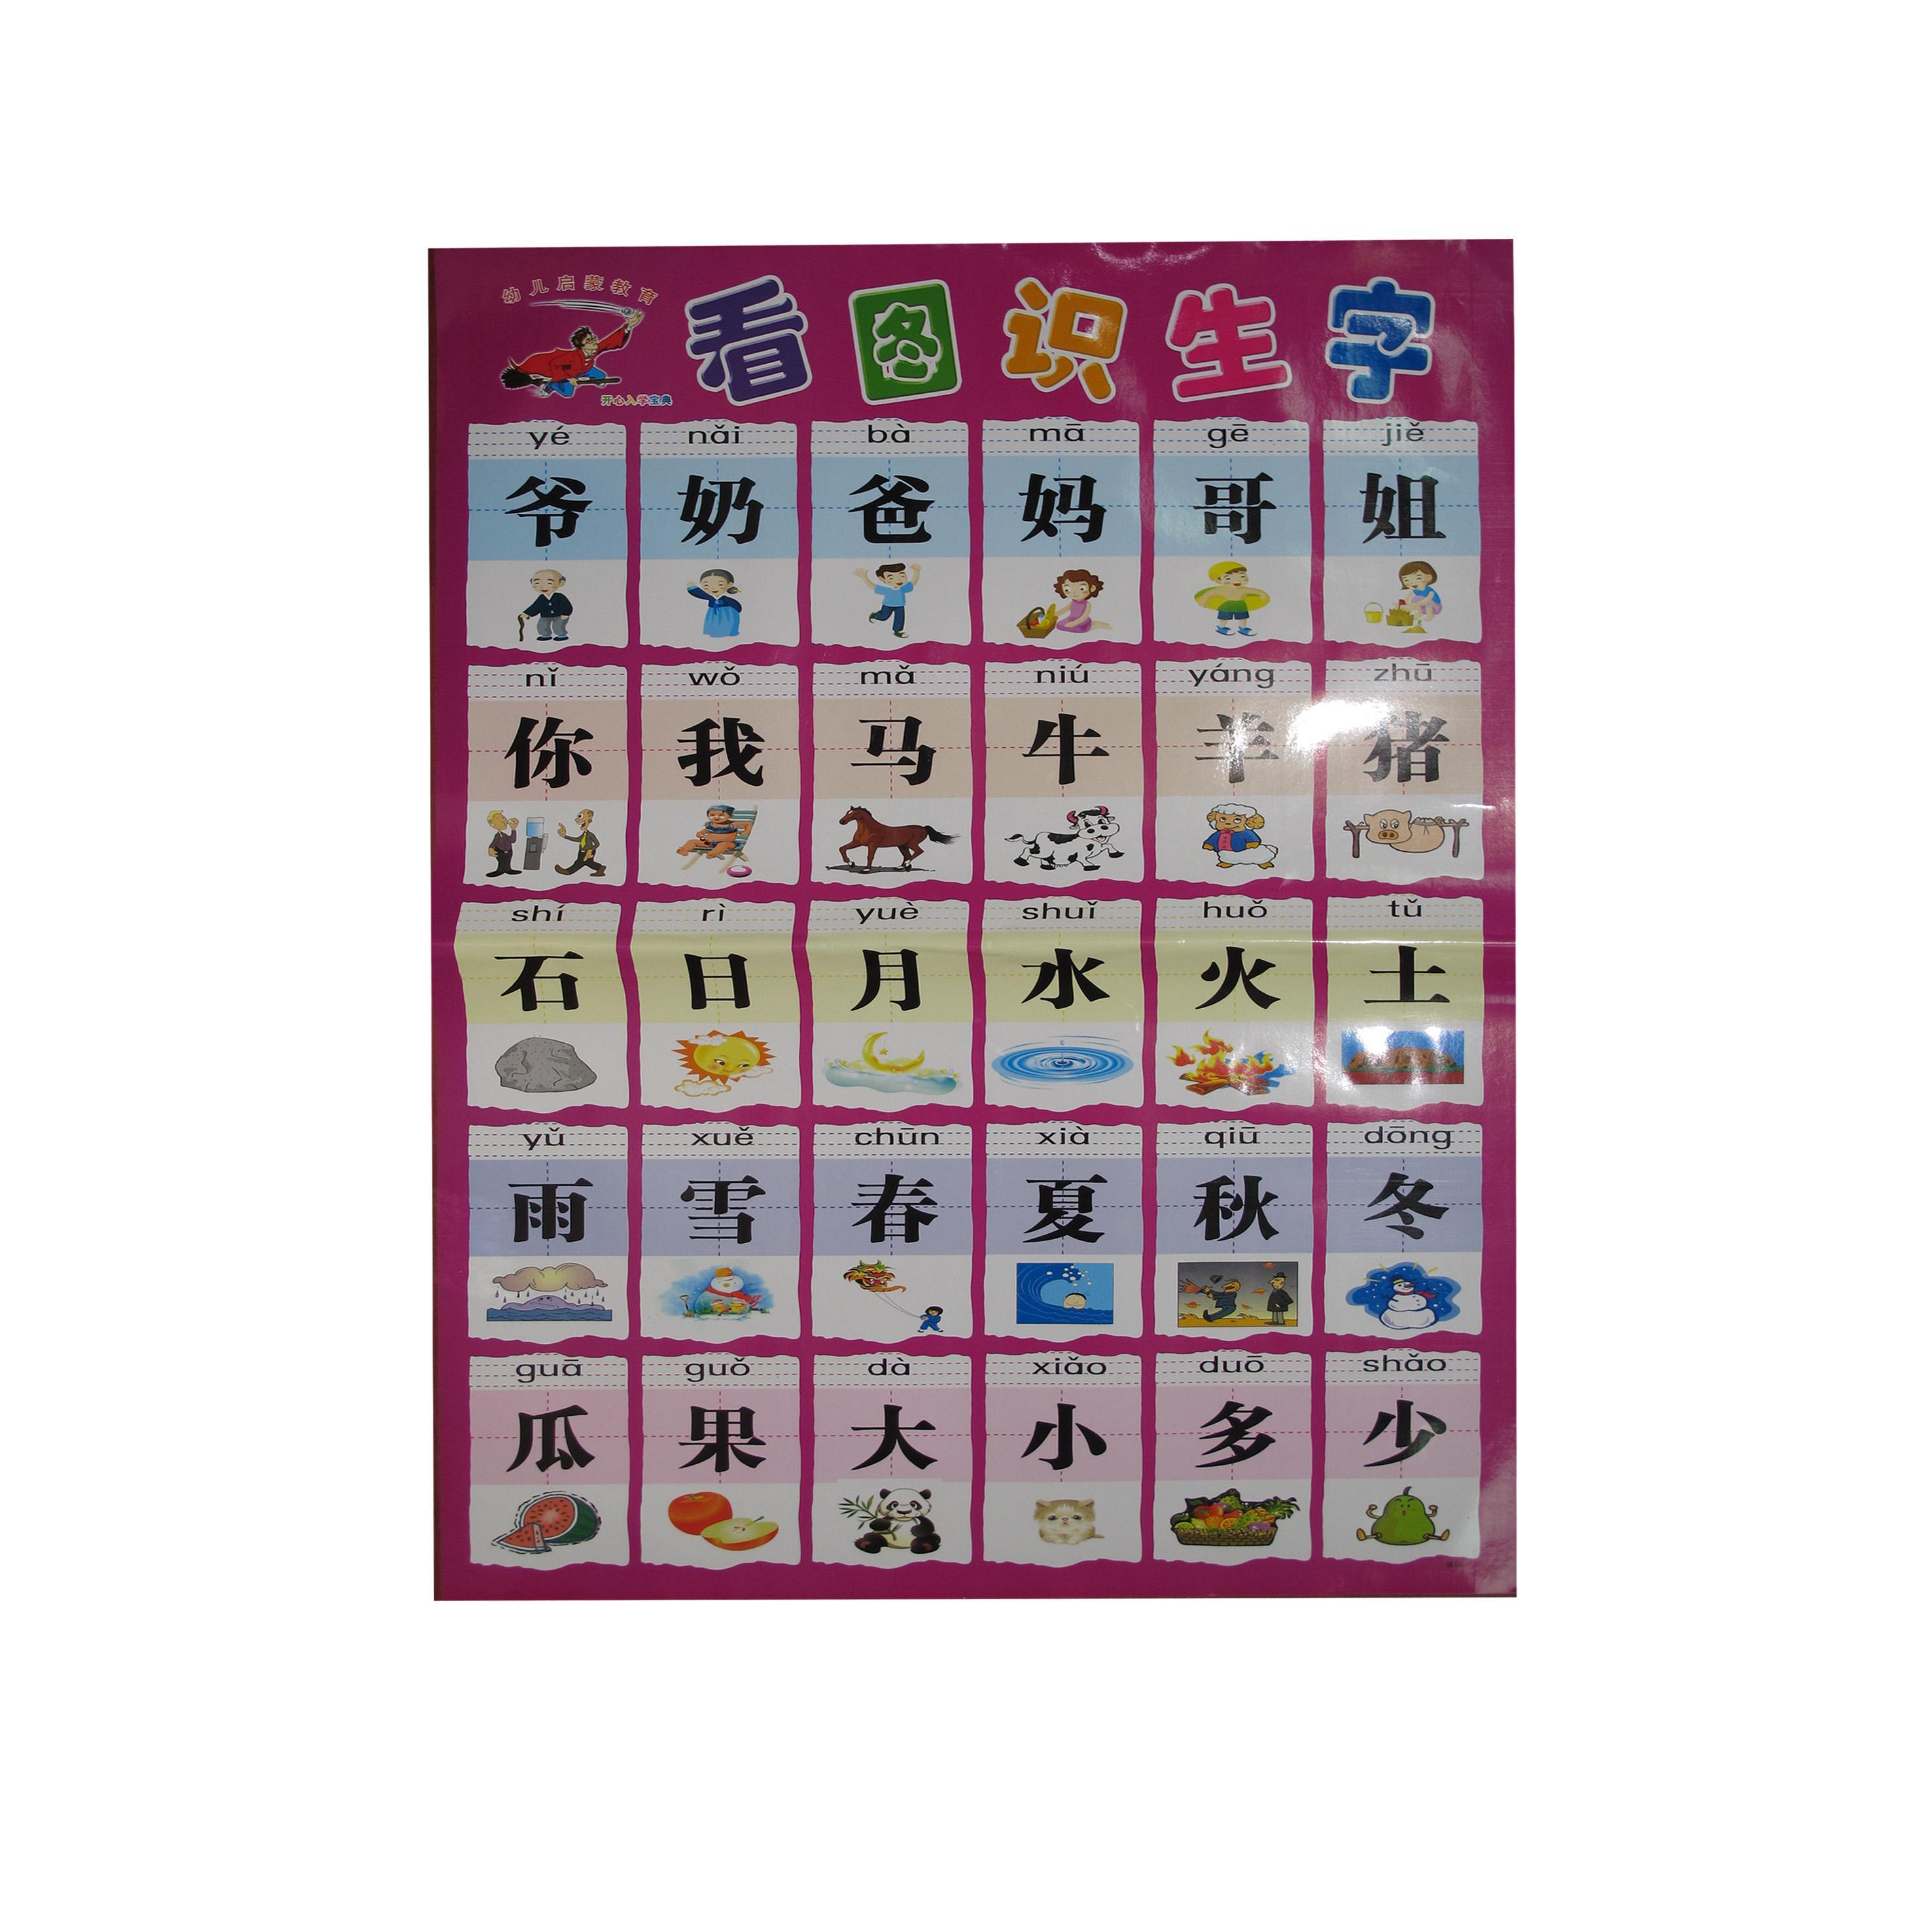 幼儿学拼音 汉语拼音